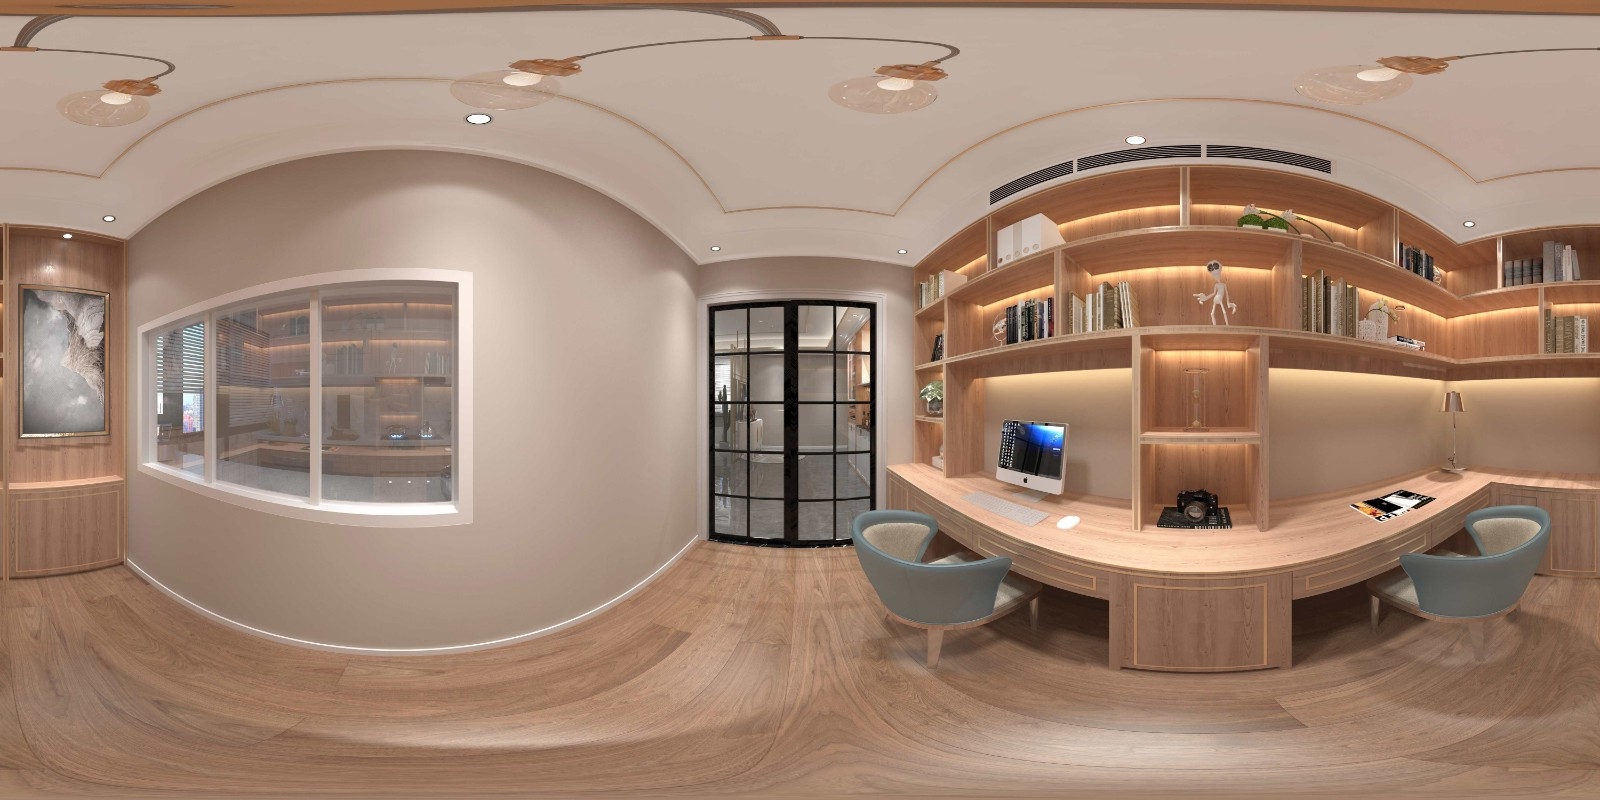 商业街区_商业模式三要素相关-深圳市唯创装饰设计工程有限公司